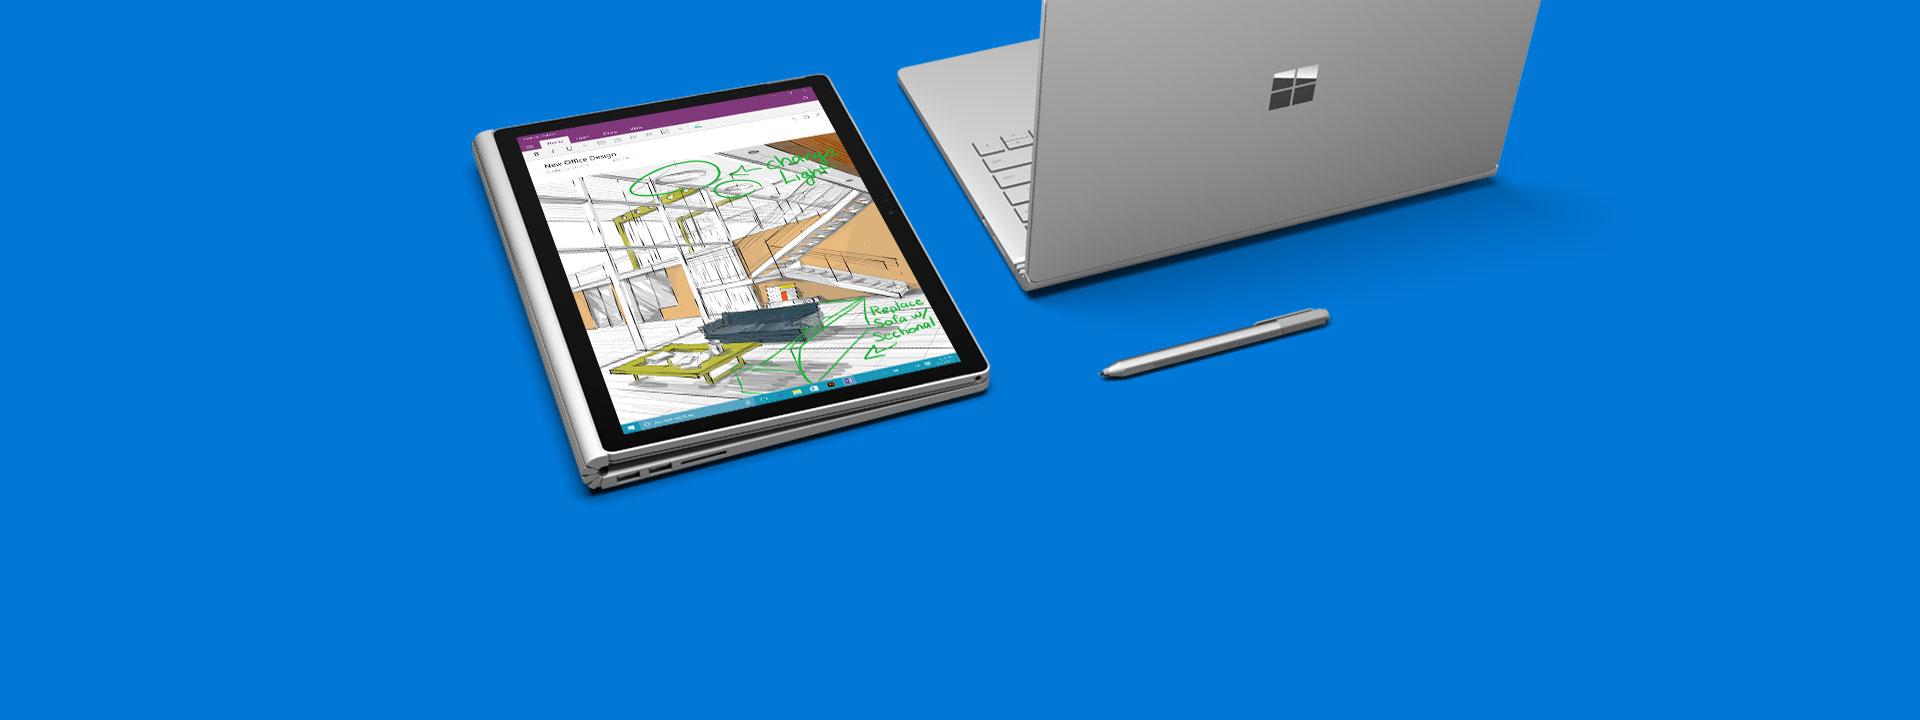 Surface Books, weitere Informationen